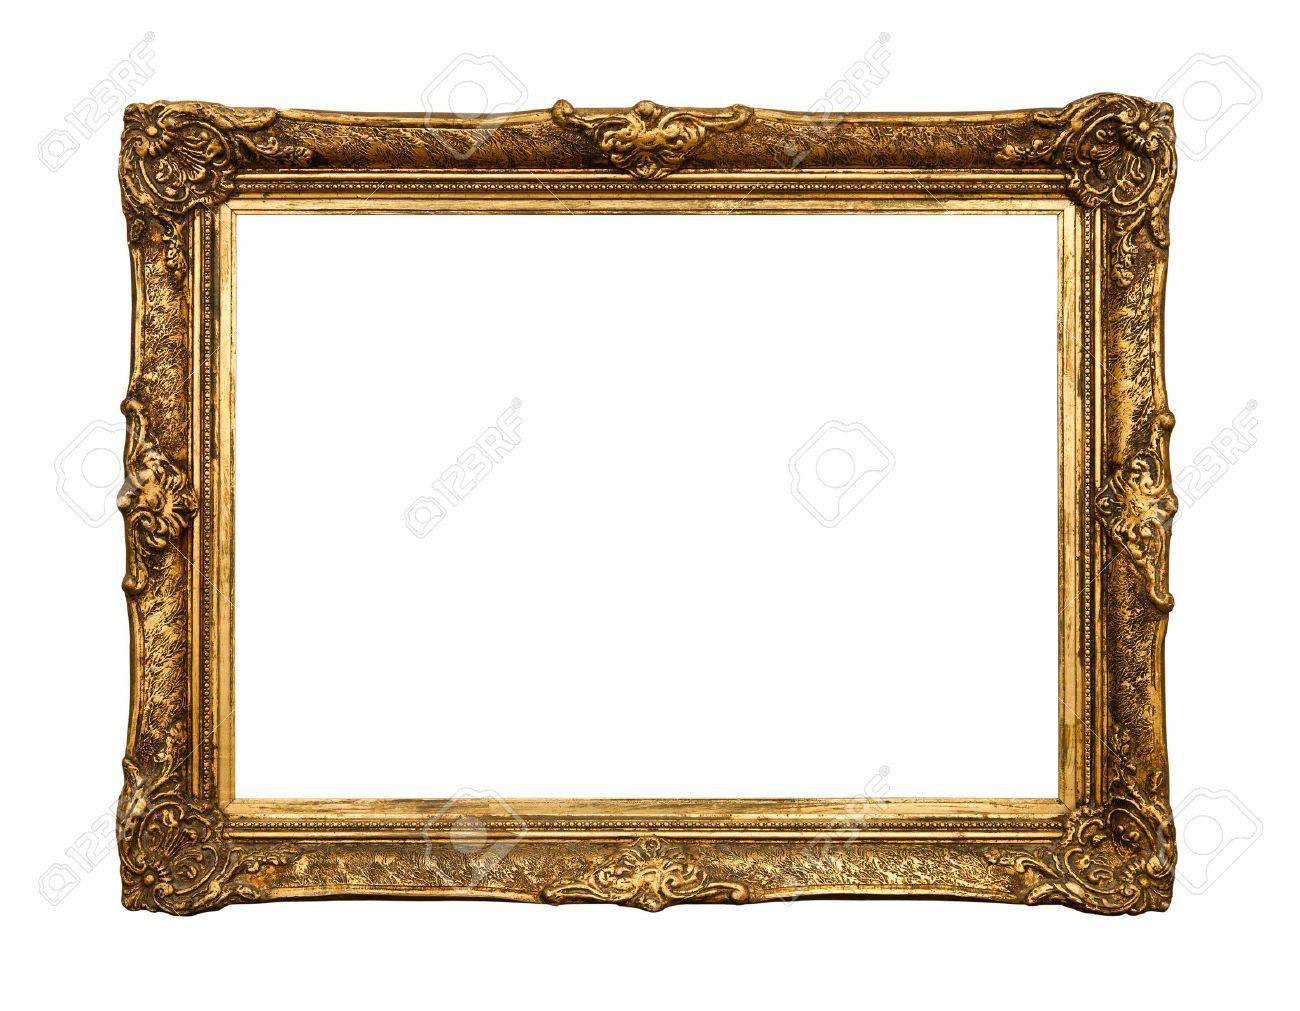 ancien cadre dore miroir retro n n 20 isole sur fond blanc